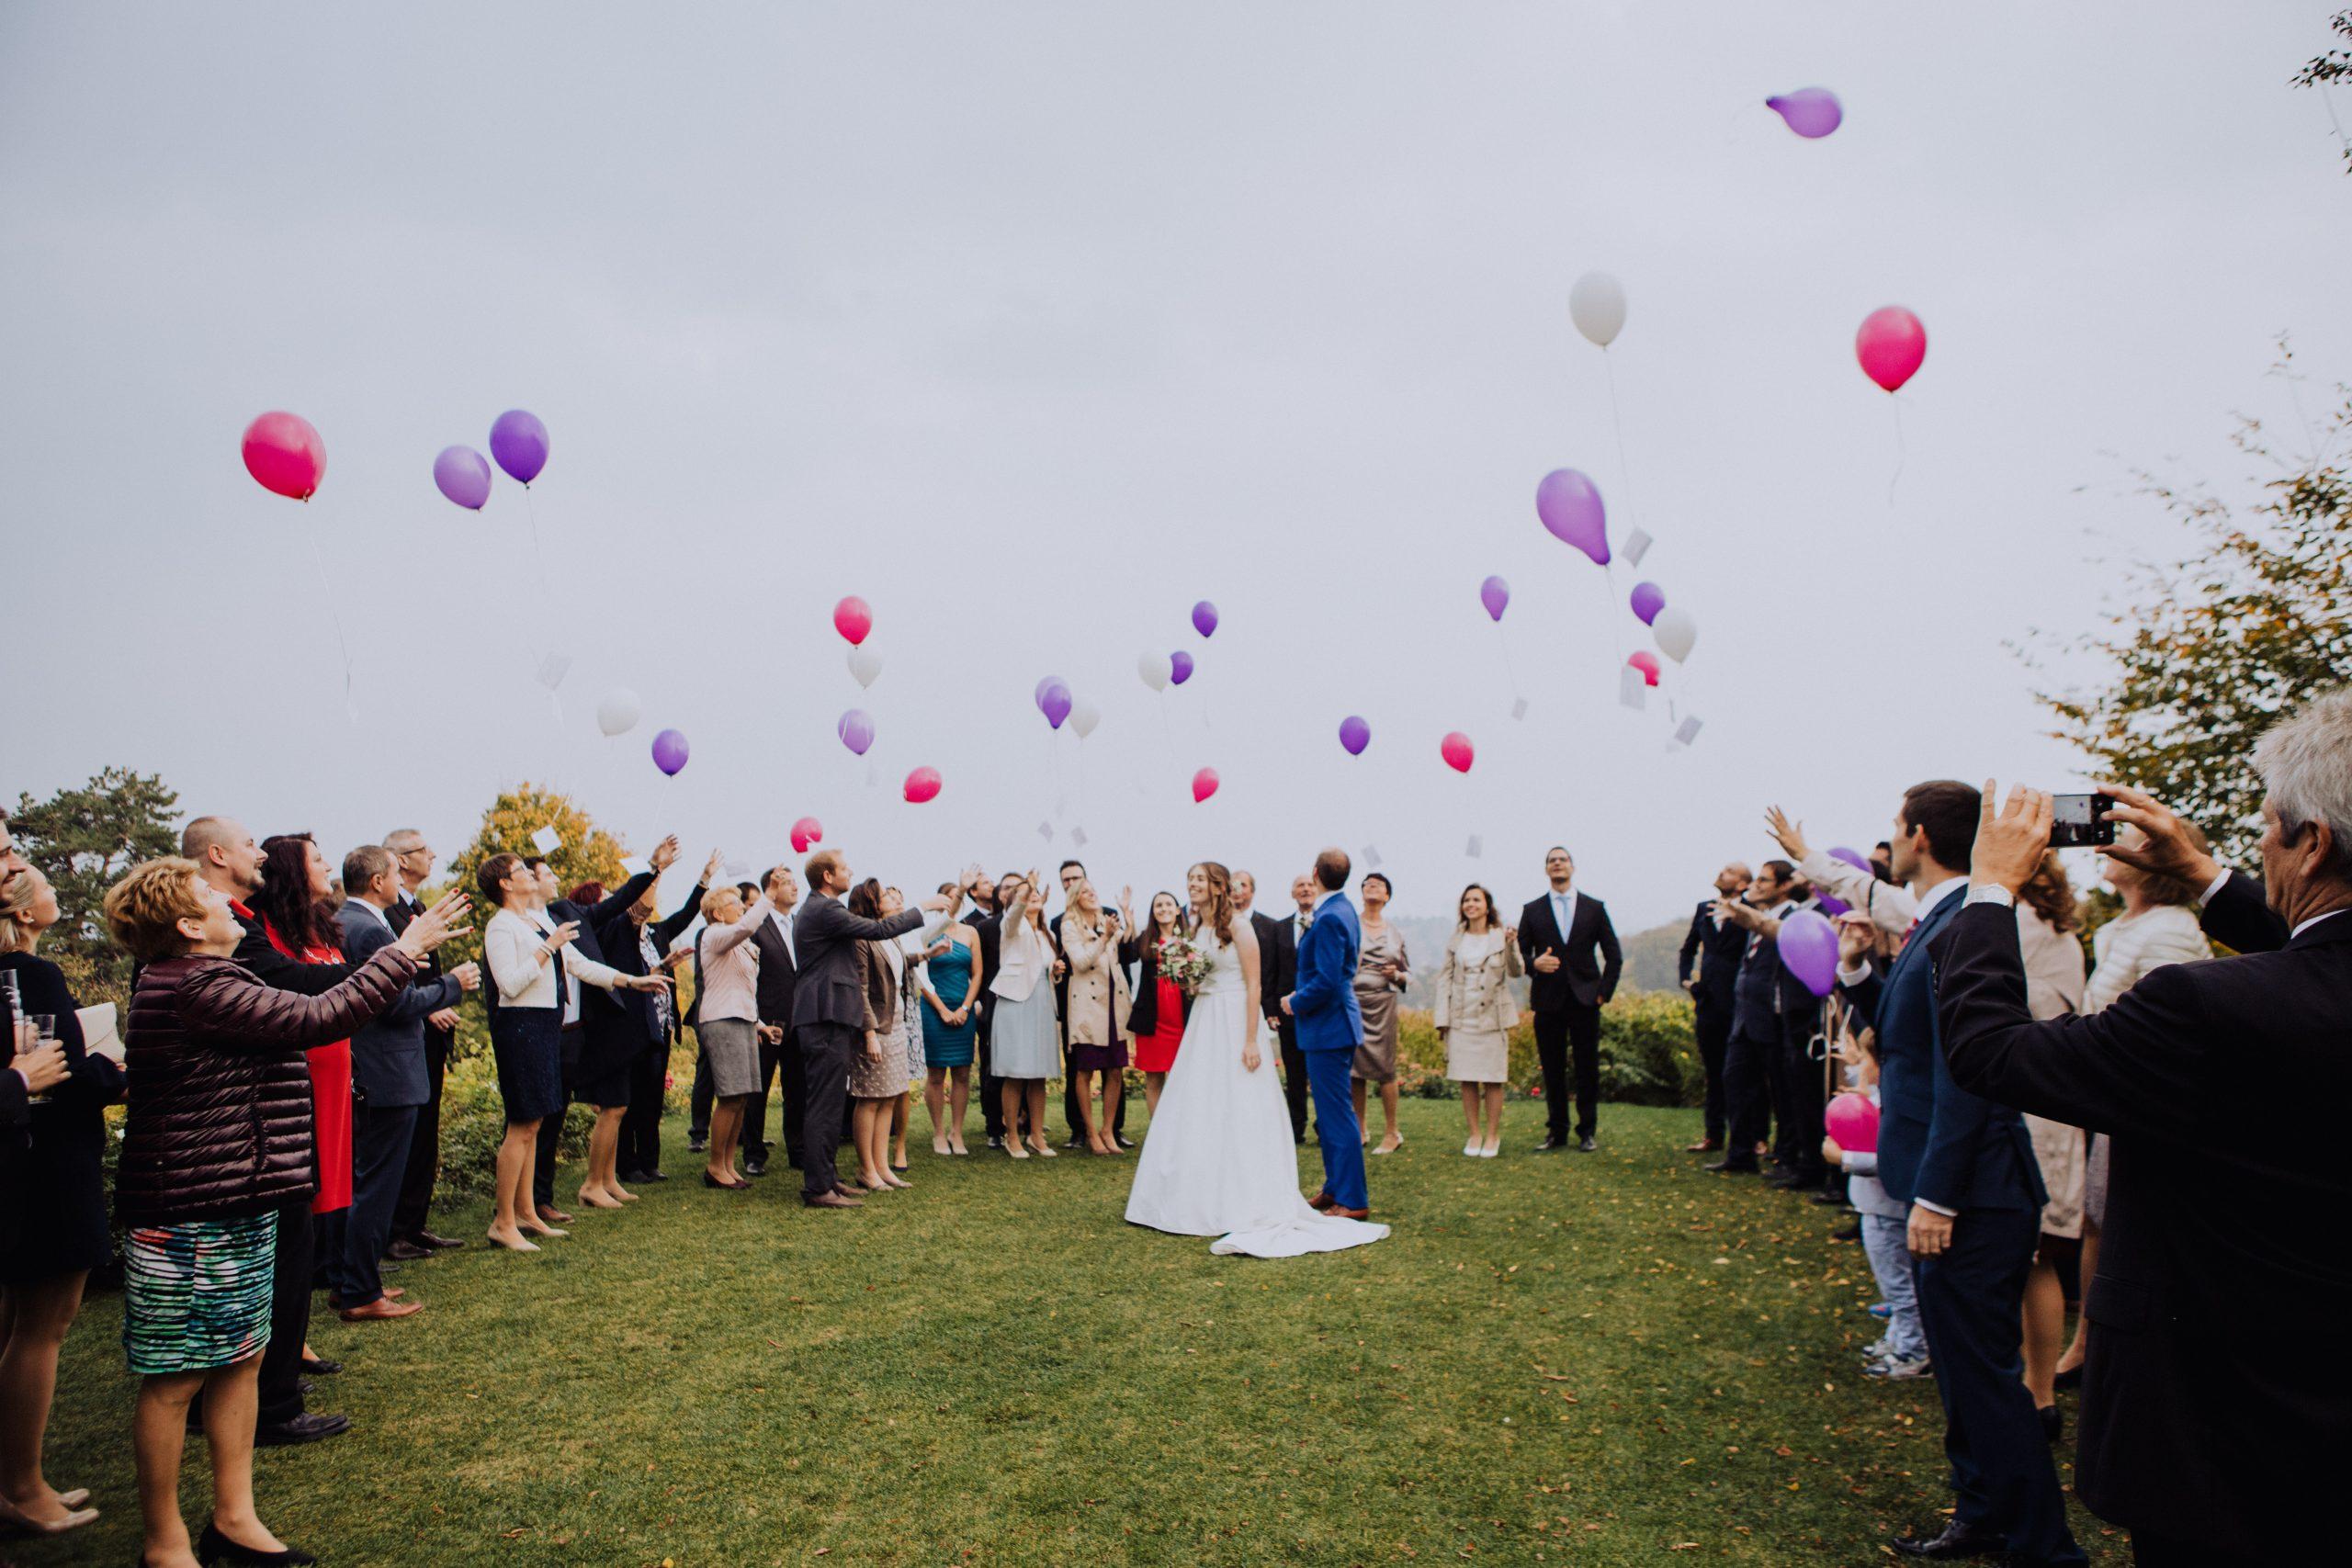 Ballons auf Hochzeitsfeier